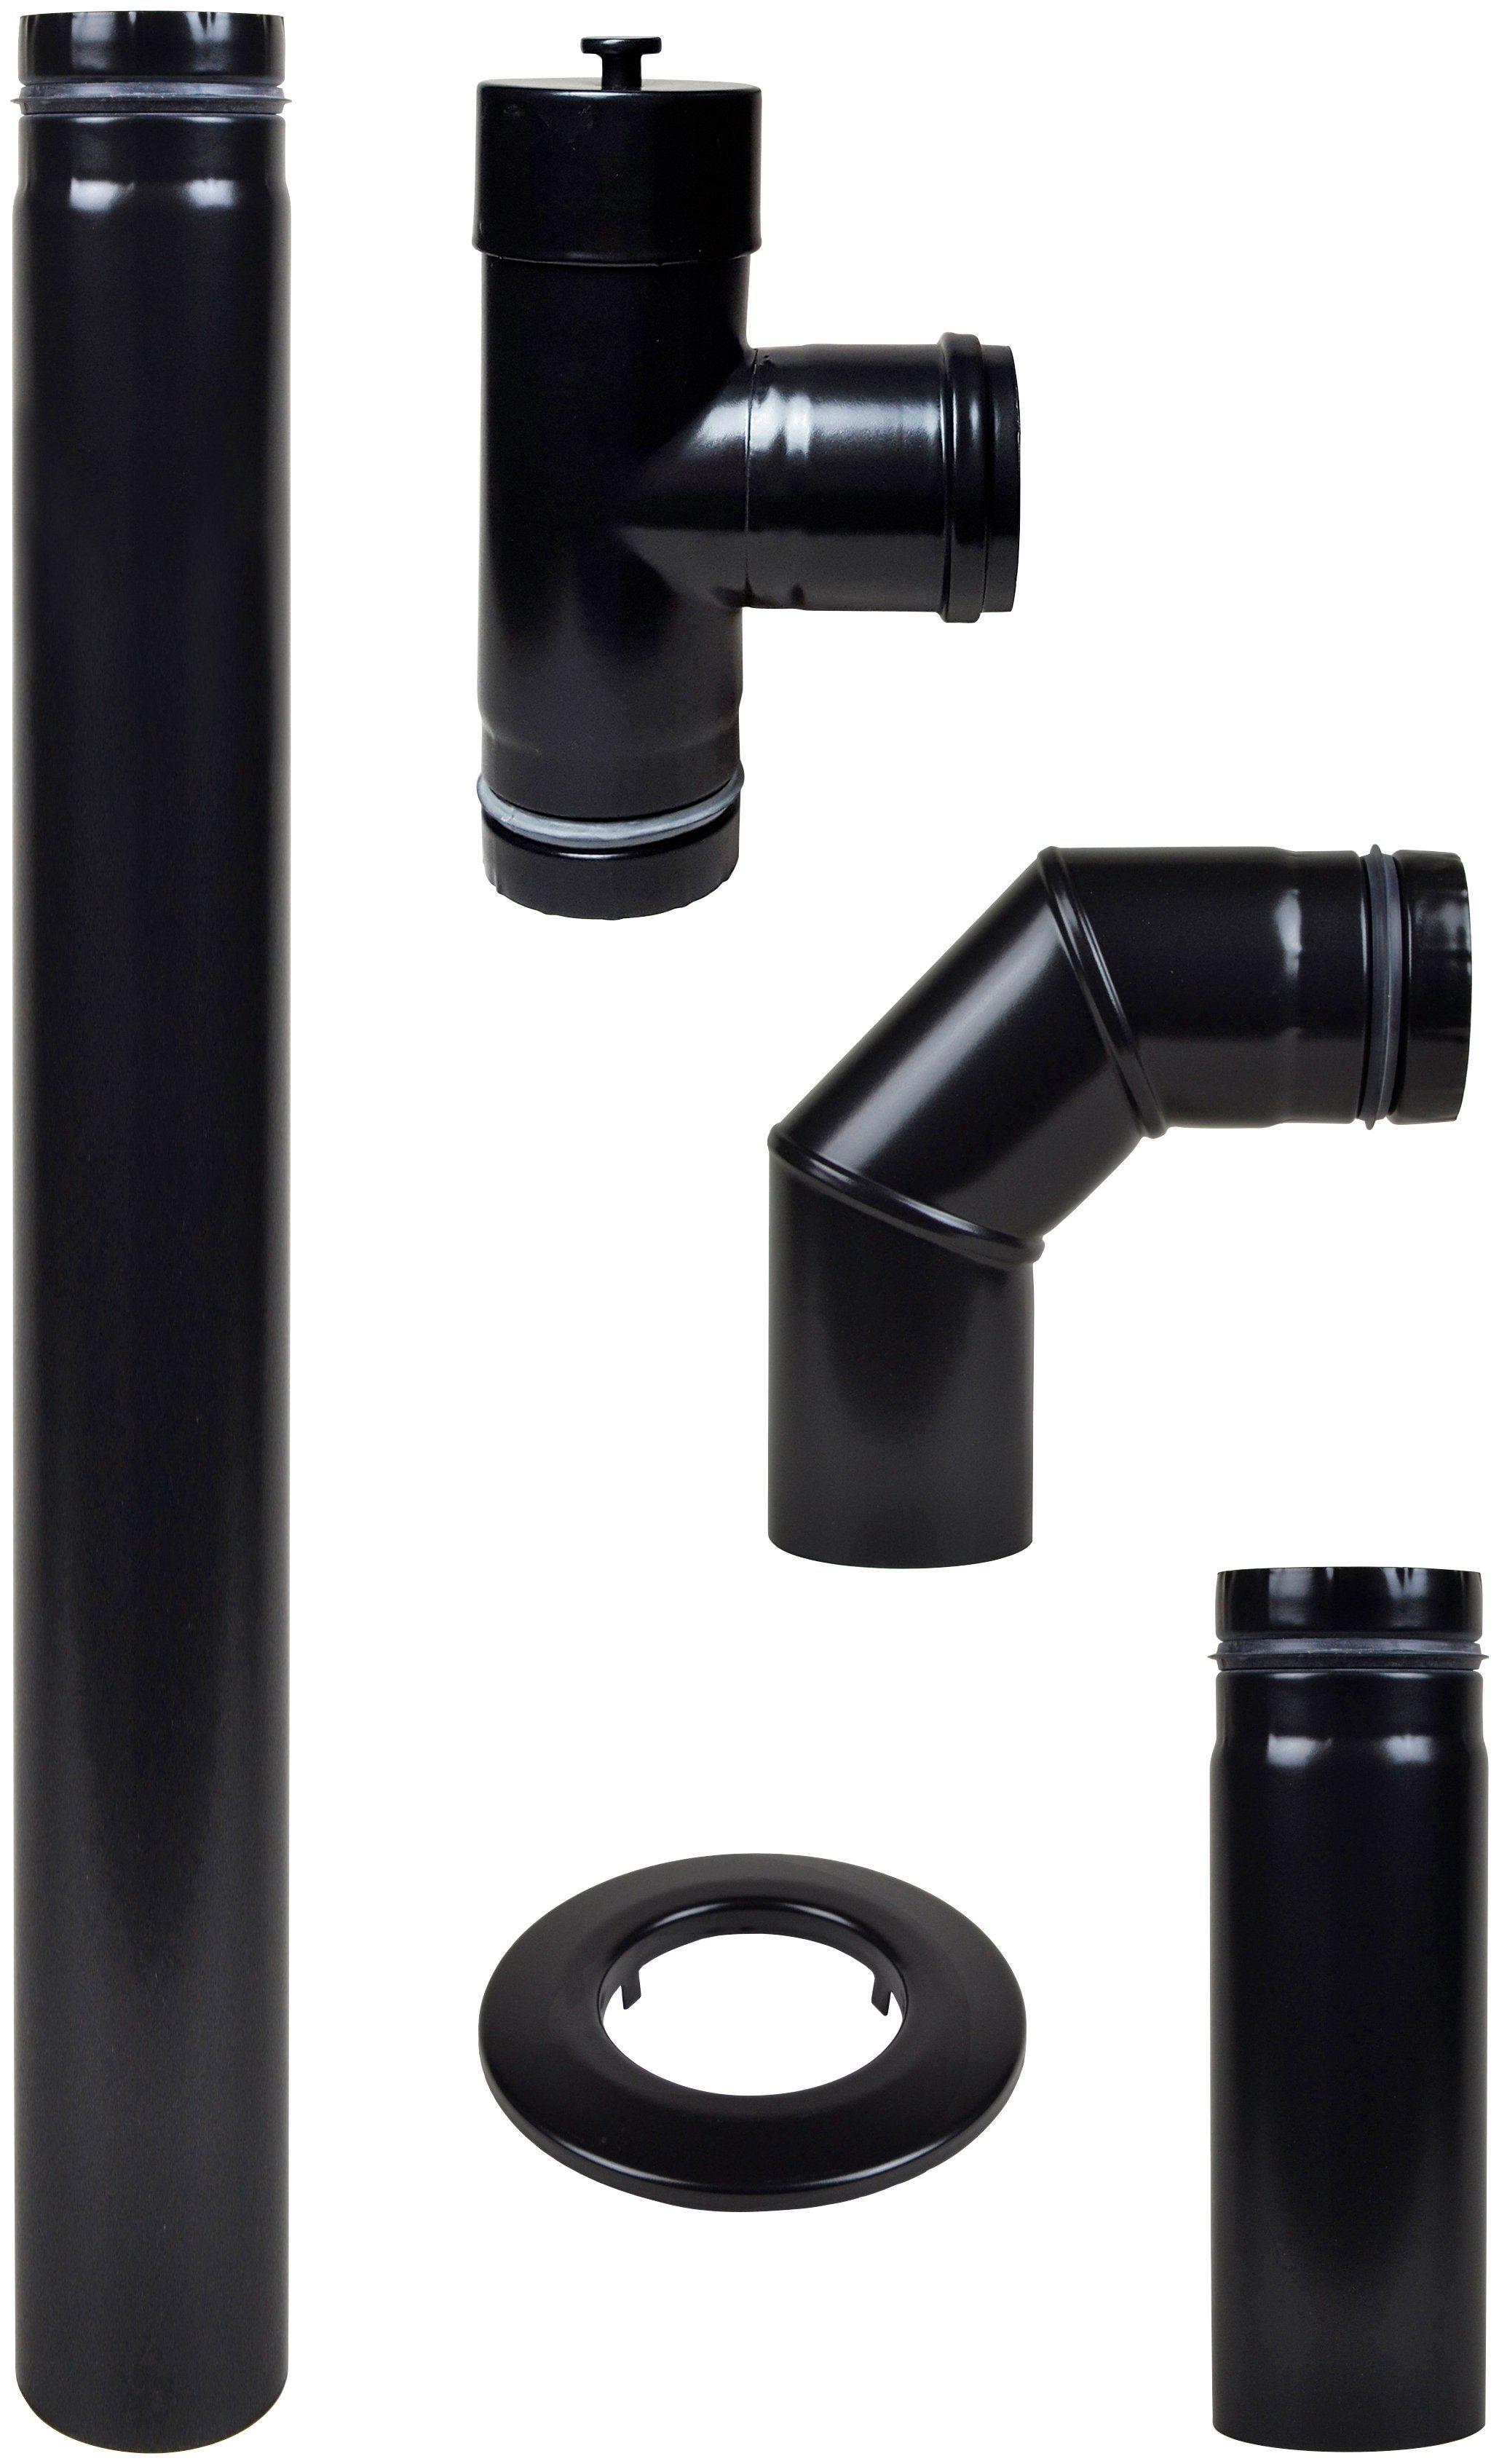 MULDENTHALER Rauchrohr-Set , Ø 80 mm, Ofenrohr für Pelletöfen